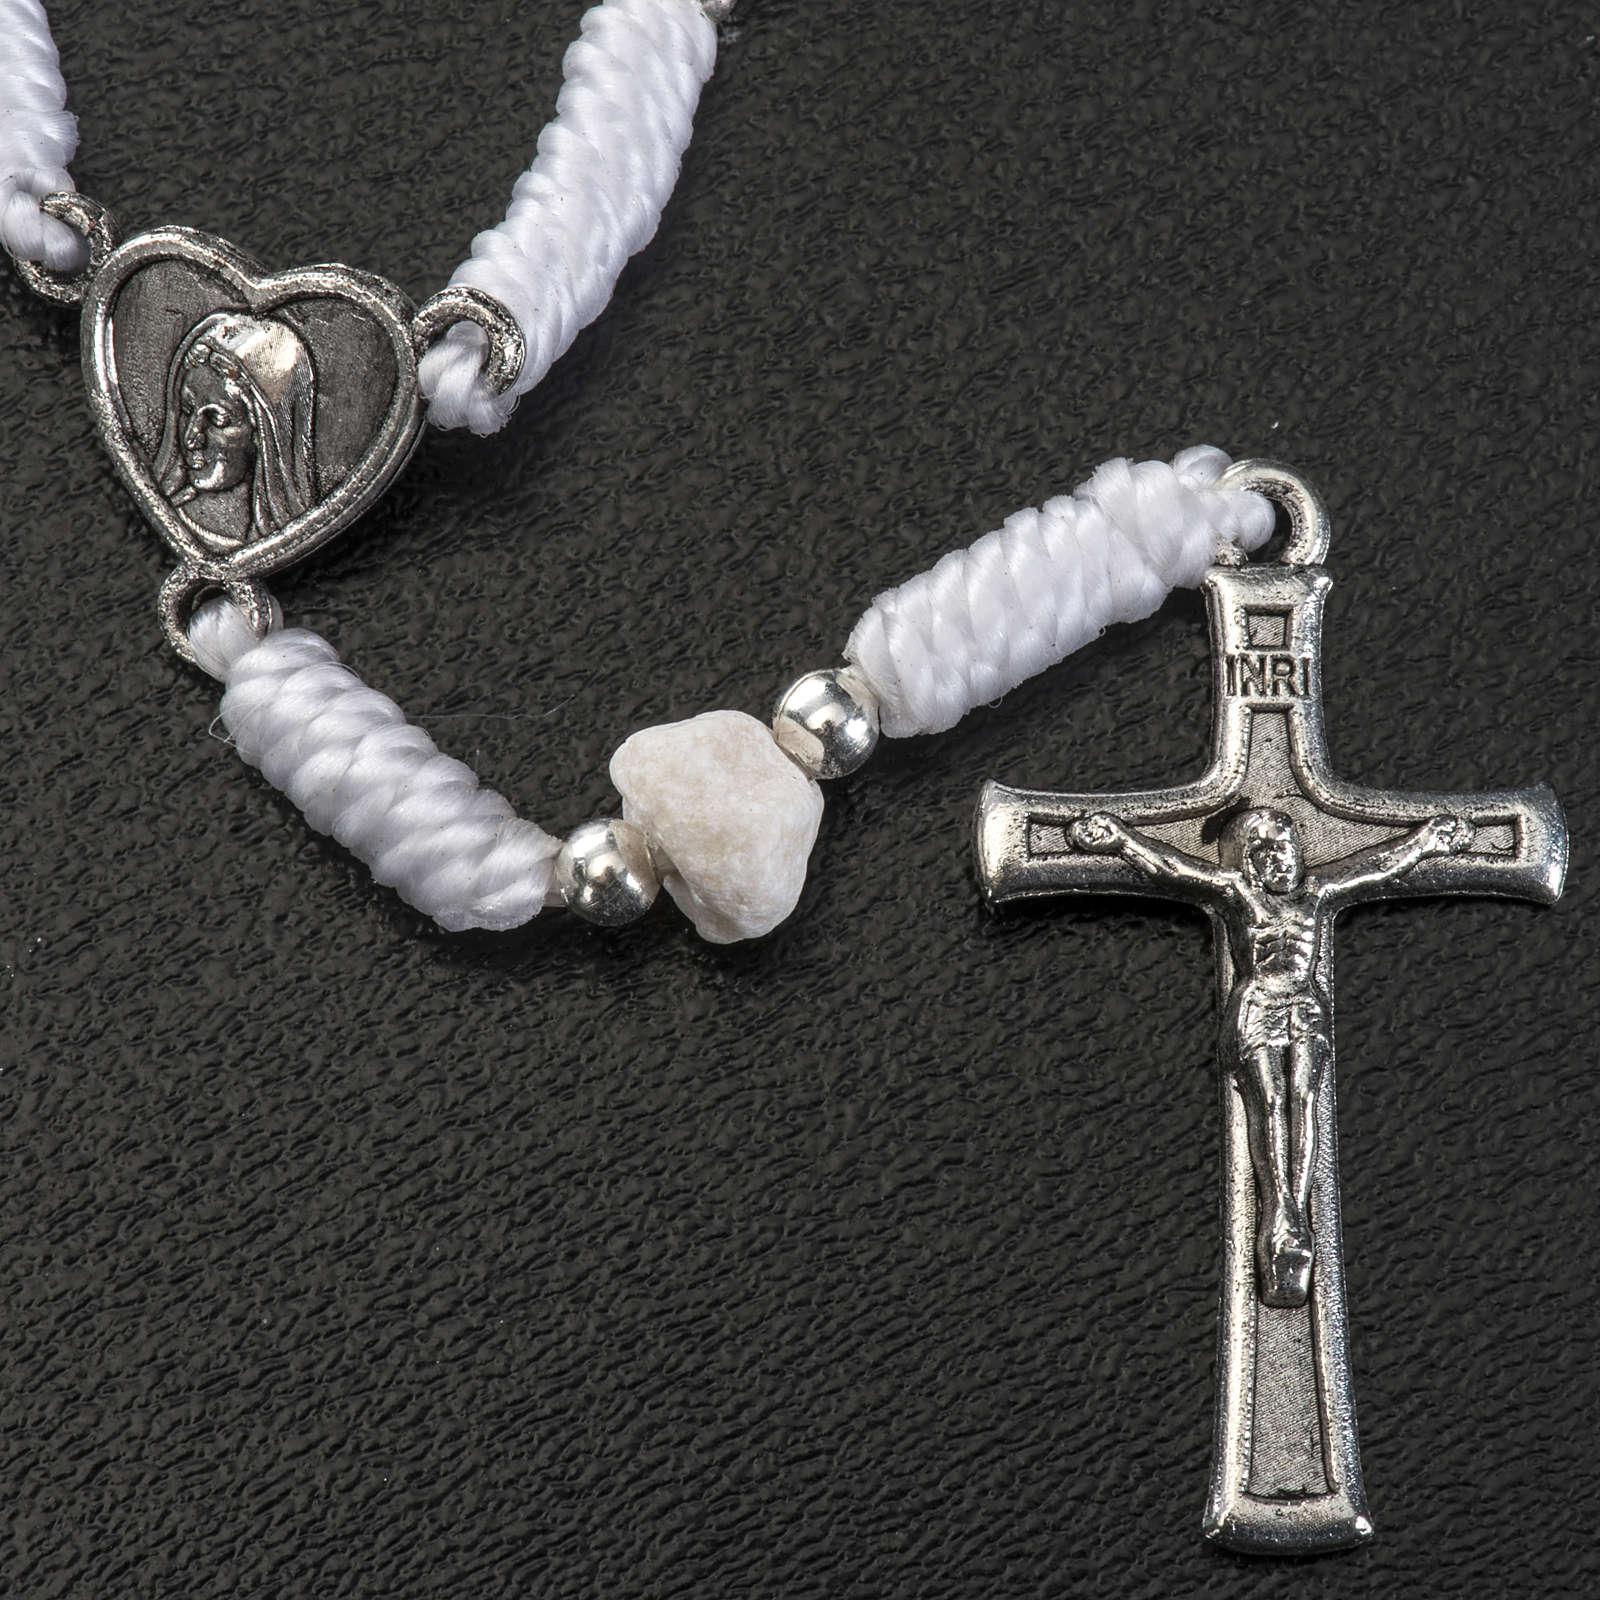 Decena Medjugorje cuerda blanca con corazón 4